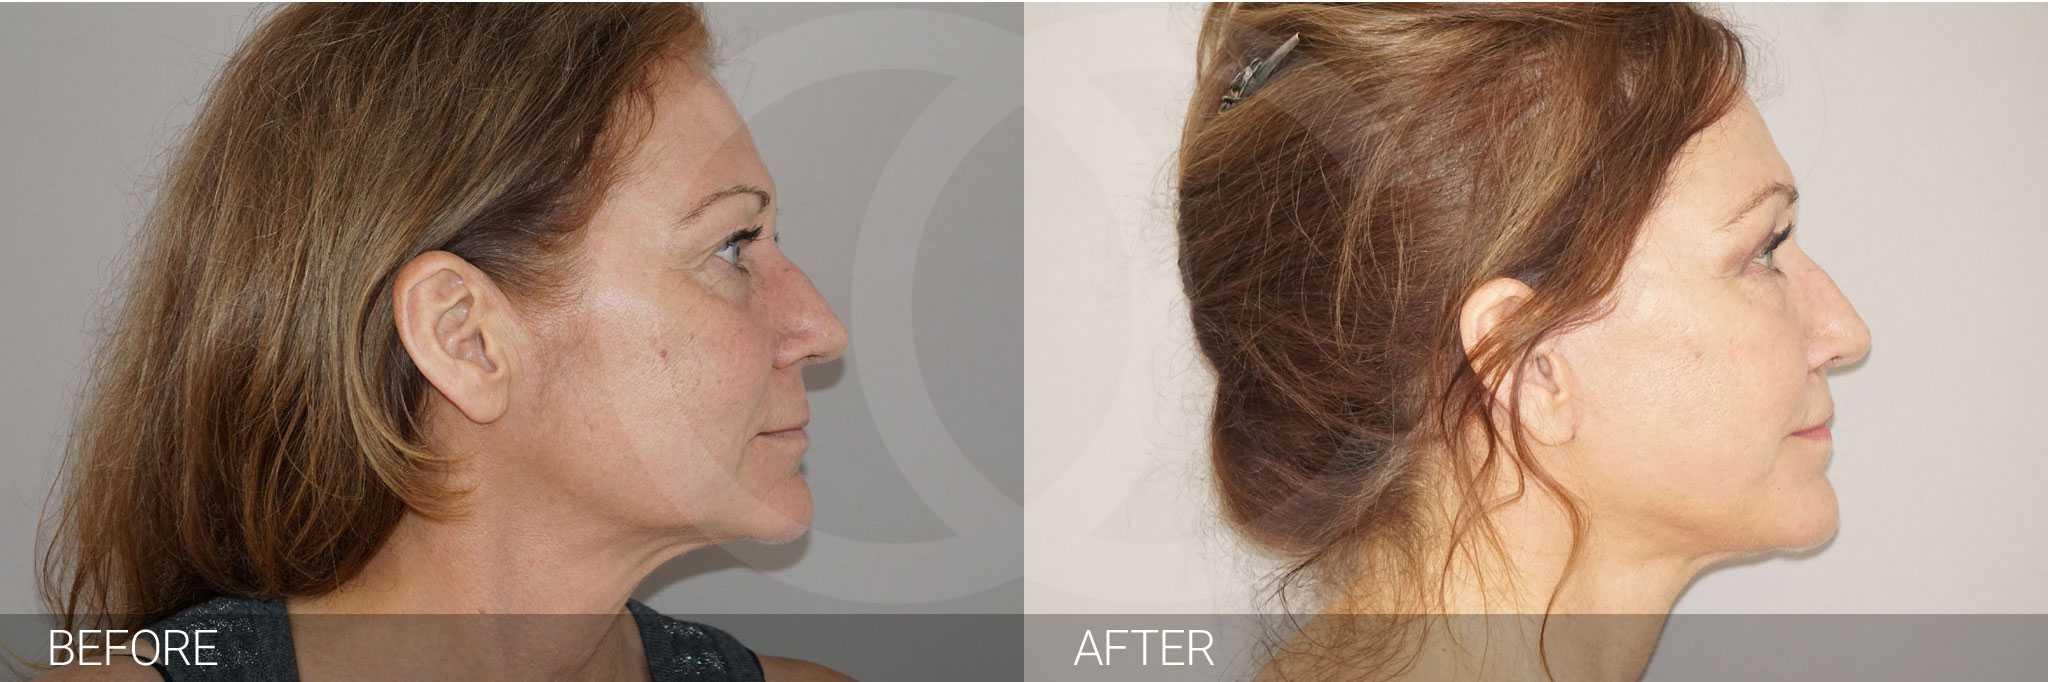 Gesichtsbehandlung mit Eigenfett PAVE Gesichtslift ante/post-op III